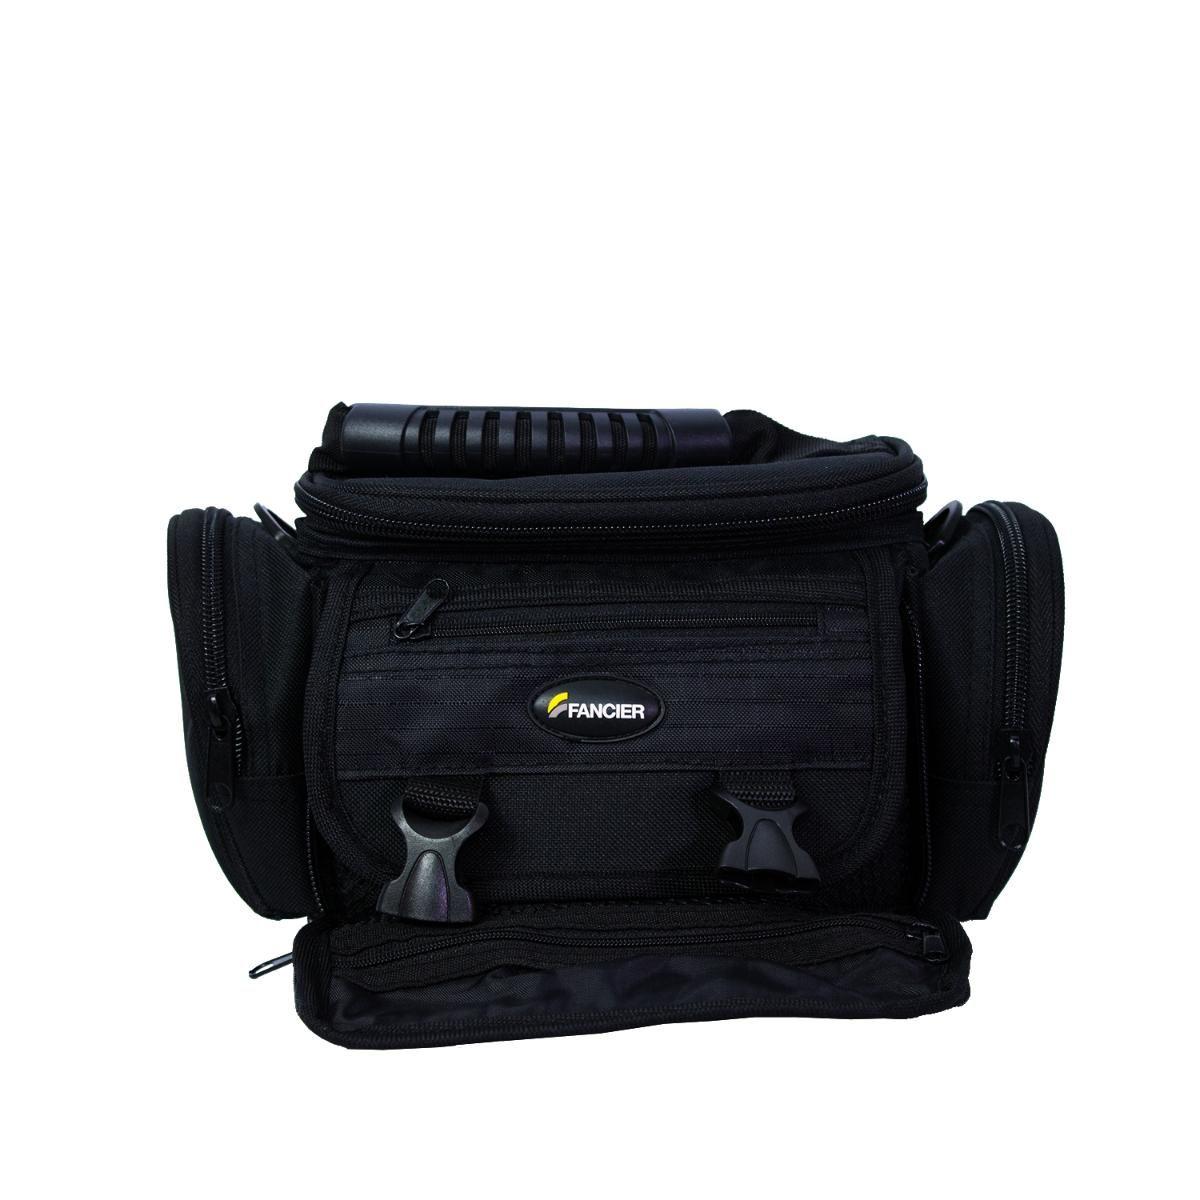 Bolsa Fancier WB-3226 para Câmera Semiprofissionais e DSLR